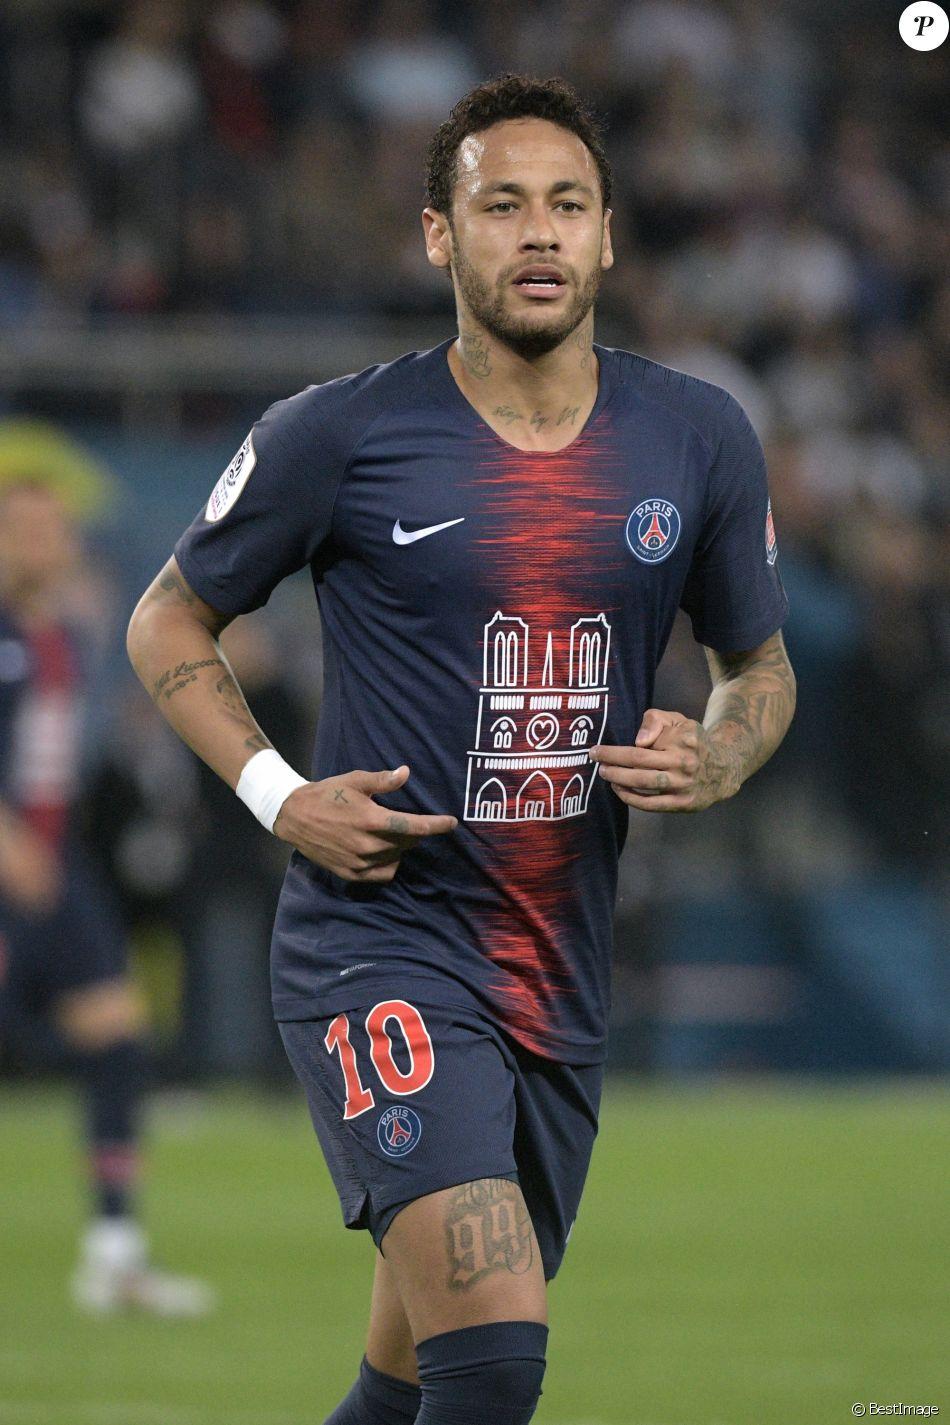 """Neymar Jr lors du match de Ligue 1 """"PSG - ASM (3-1)"""" au Parc des Princes à Paris. © Giancarlo Gorassini/Bestimage"""